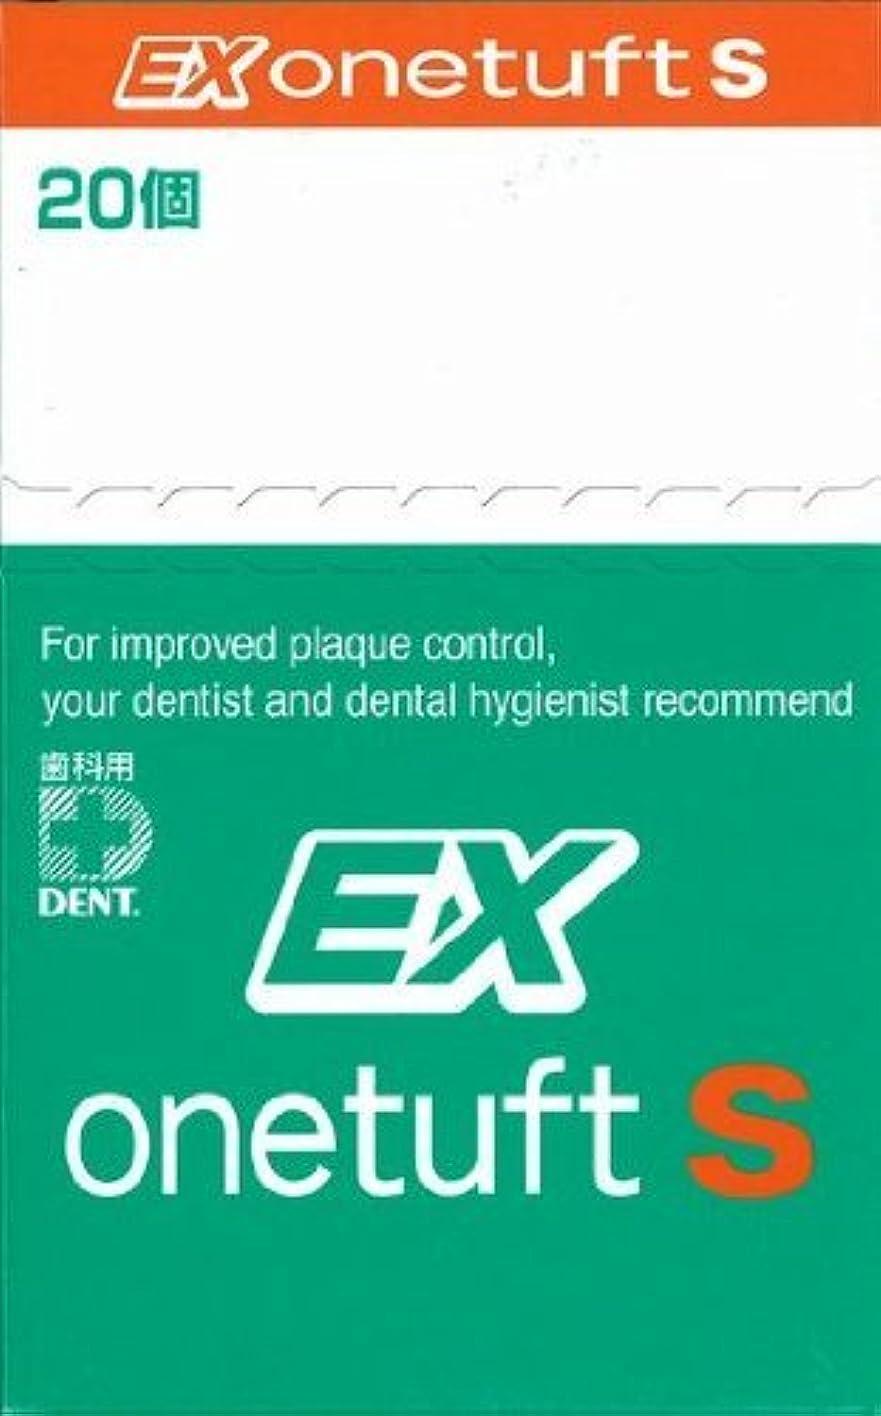 恥ずかしさサイレント処方するデント EX onetuft S 歯ブラシ 20本入